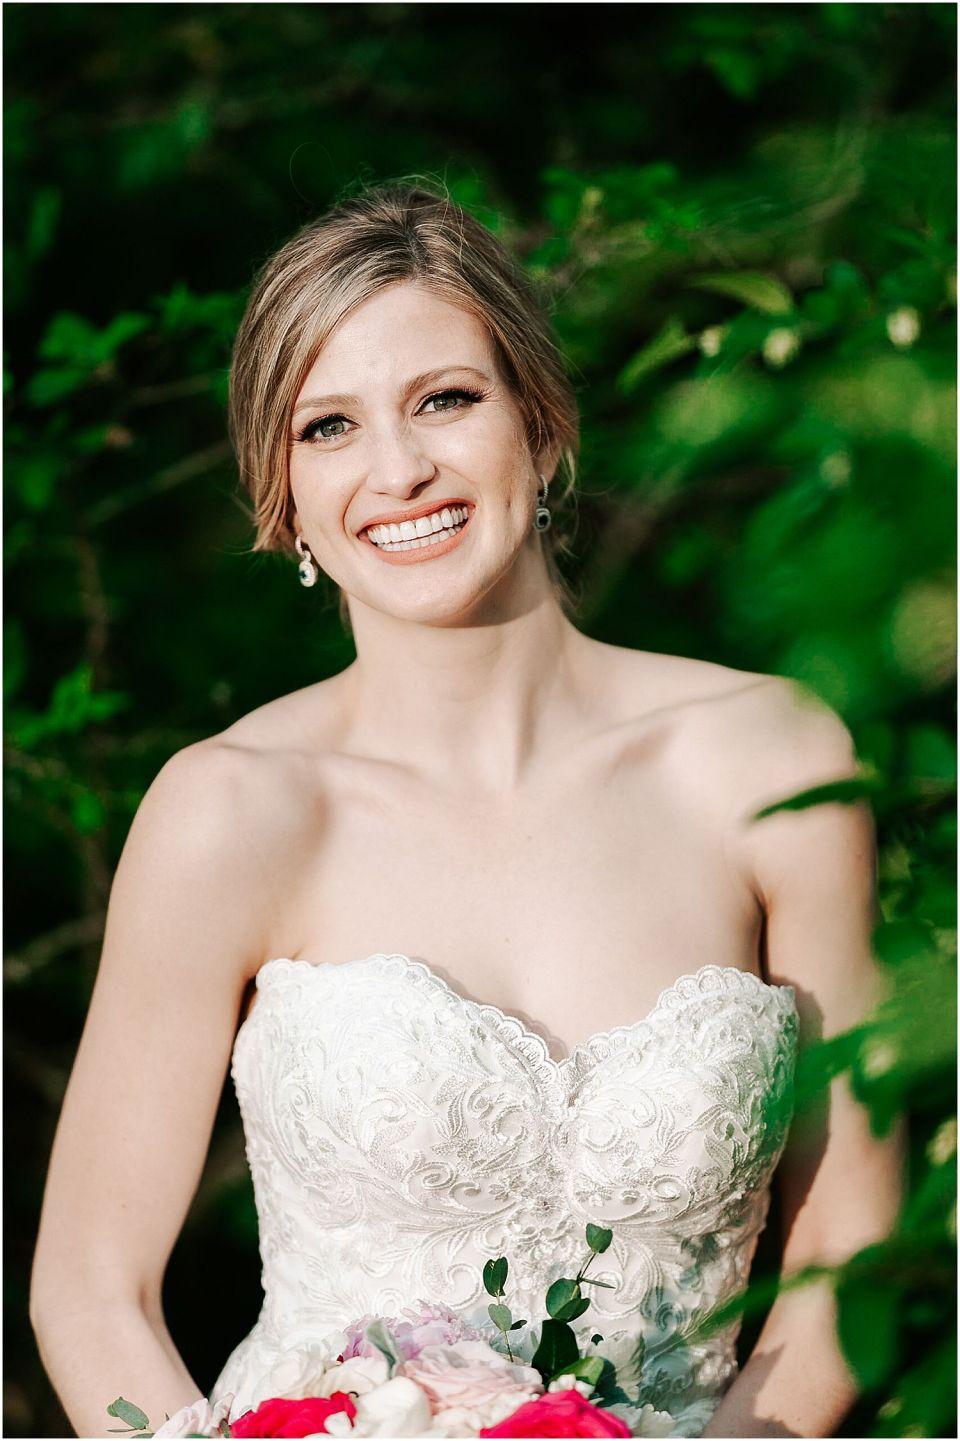 Bridal Portraits outside the Trenton Country Club wedding venue